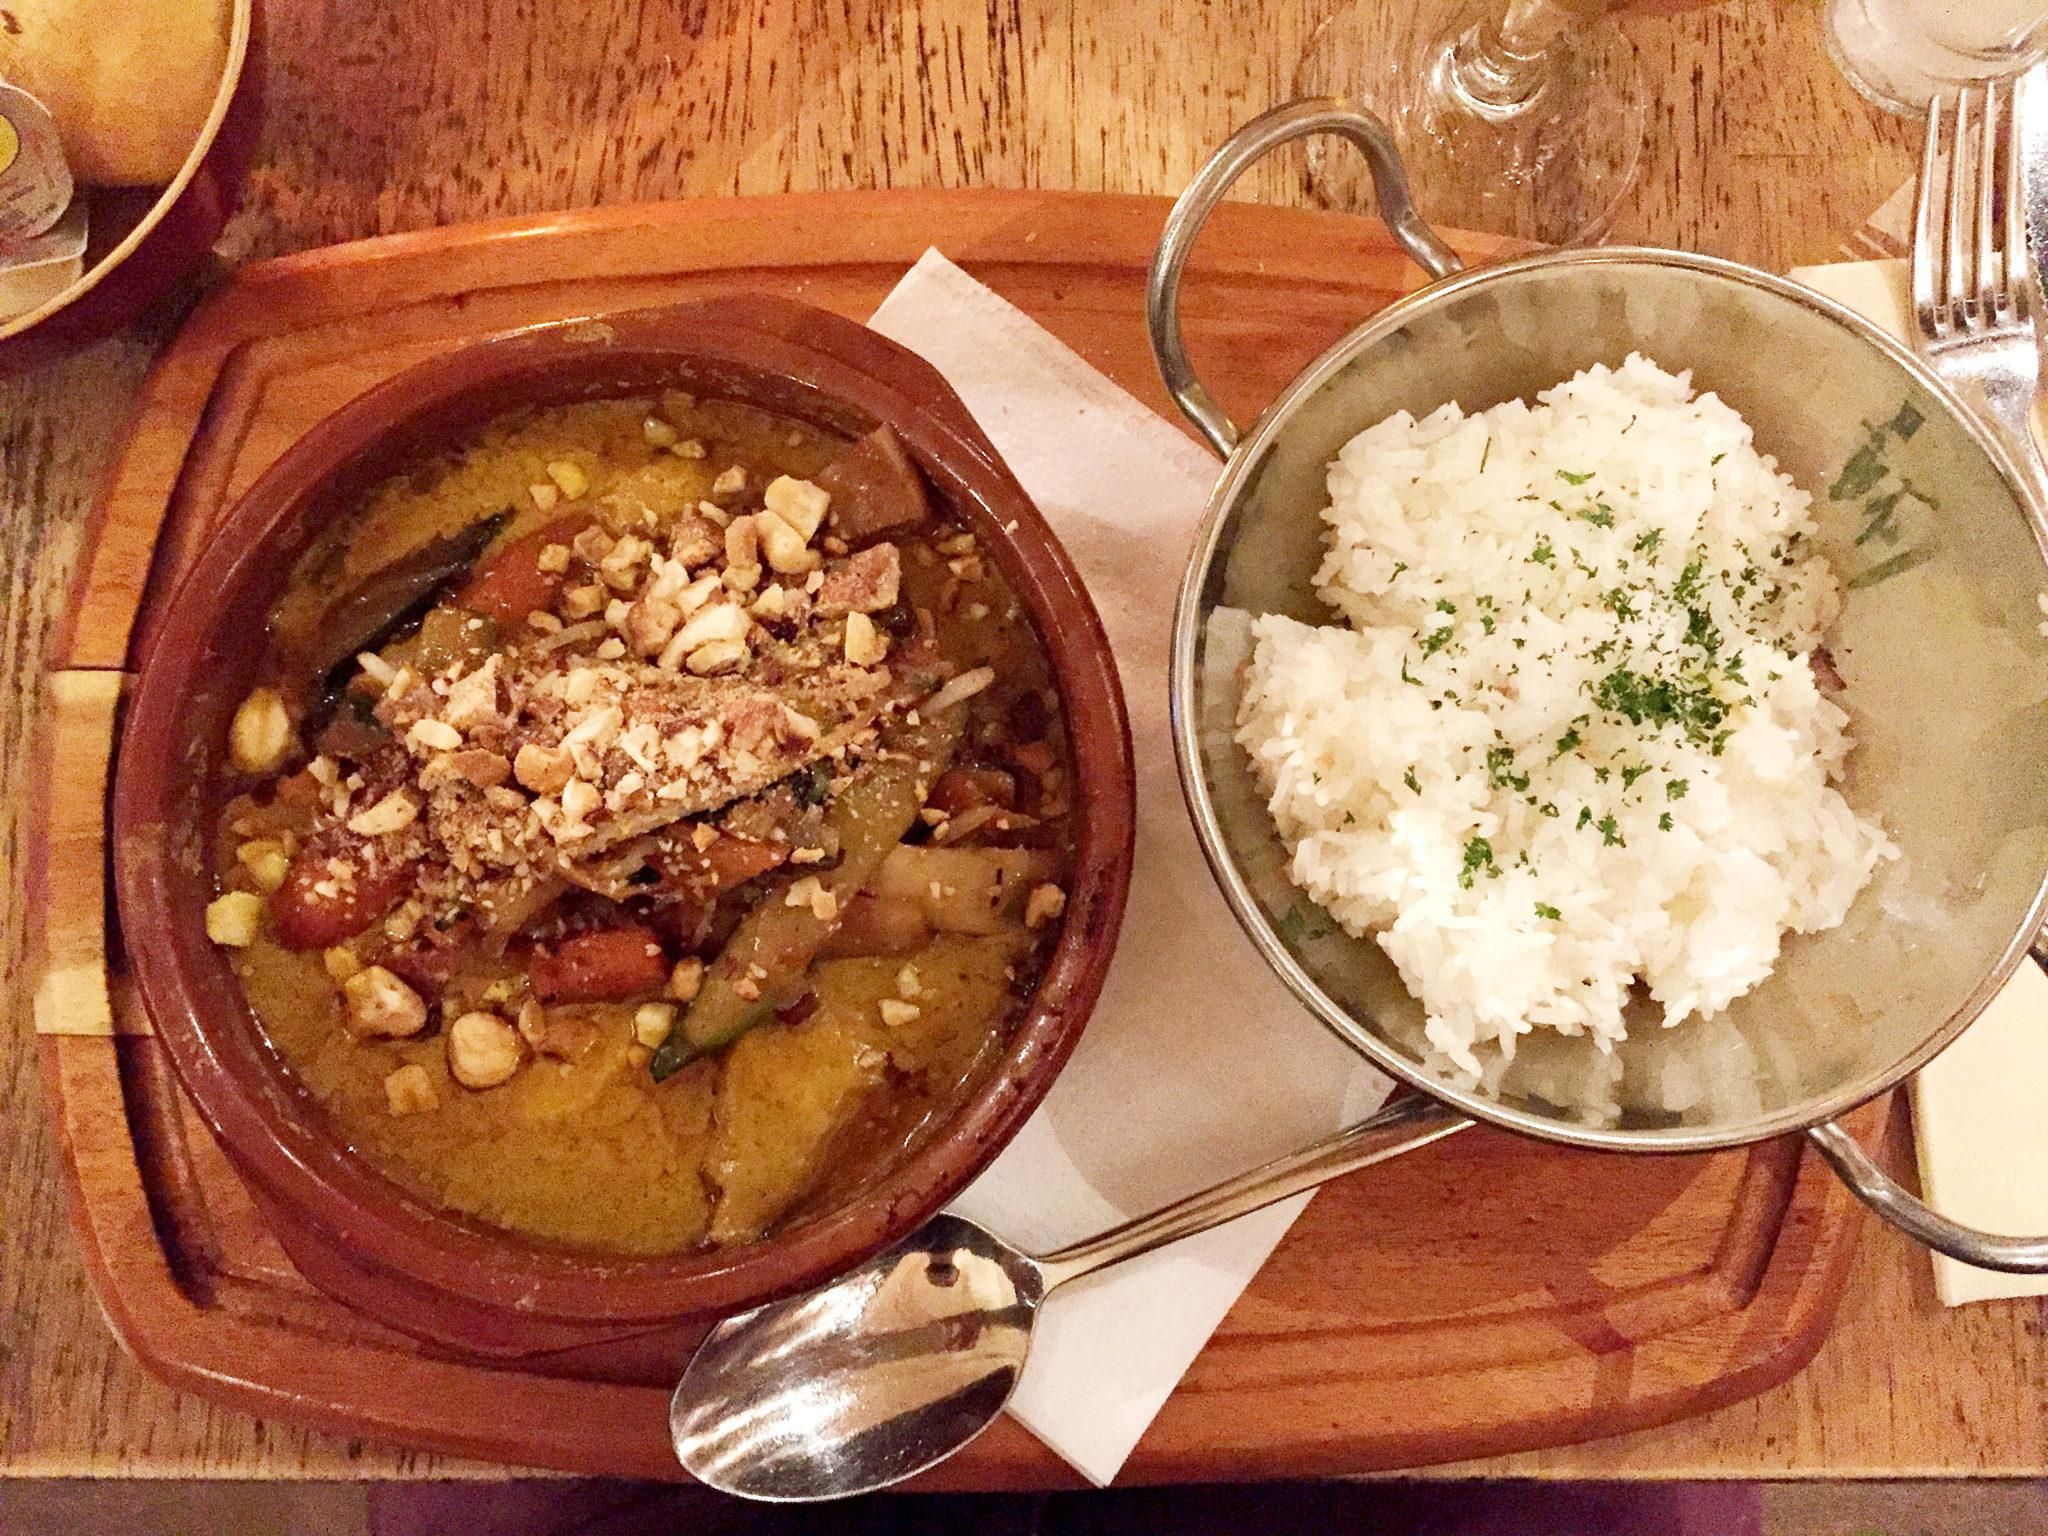 Hema_Bruxelles_bonnes_adresses_restaurant_cercle_des_voyageurs_kurma